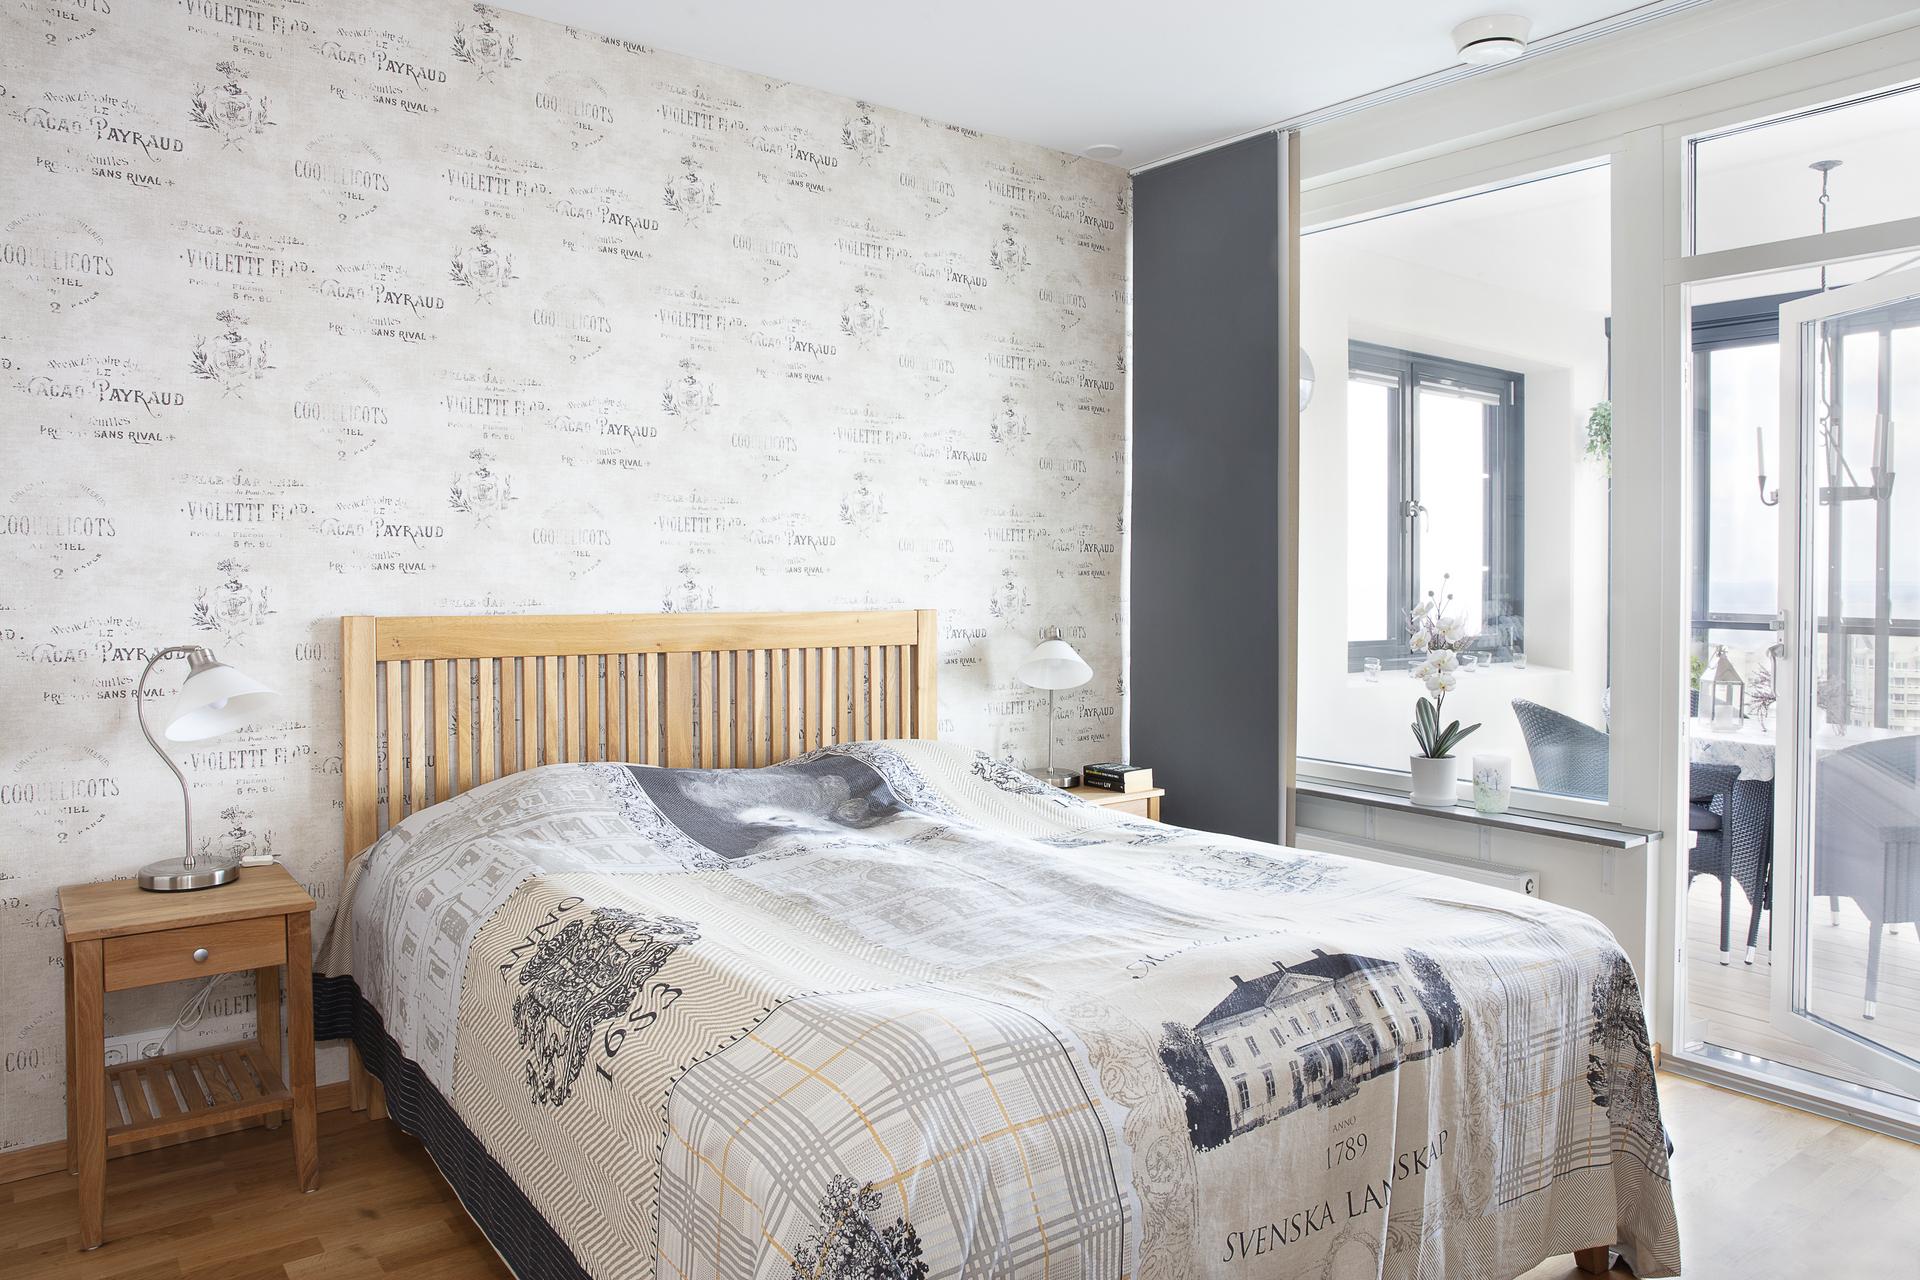 Sovrummet har plats för dubbelsäng och förvaringsmöbler samt utgång till balkongen